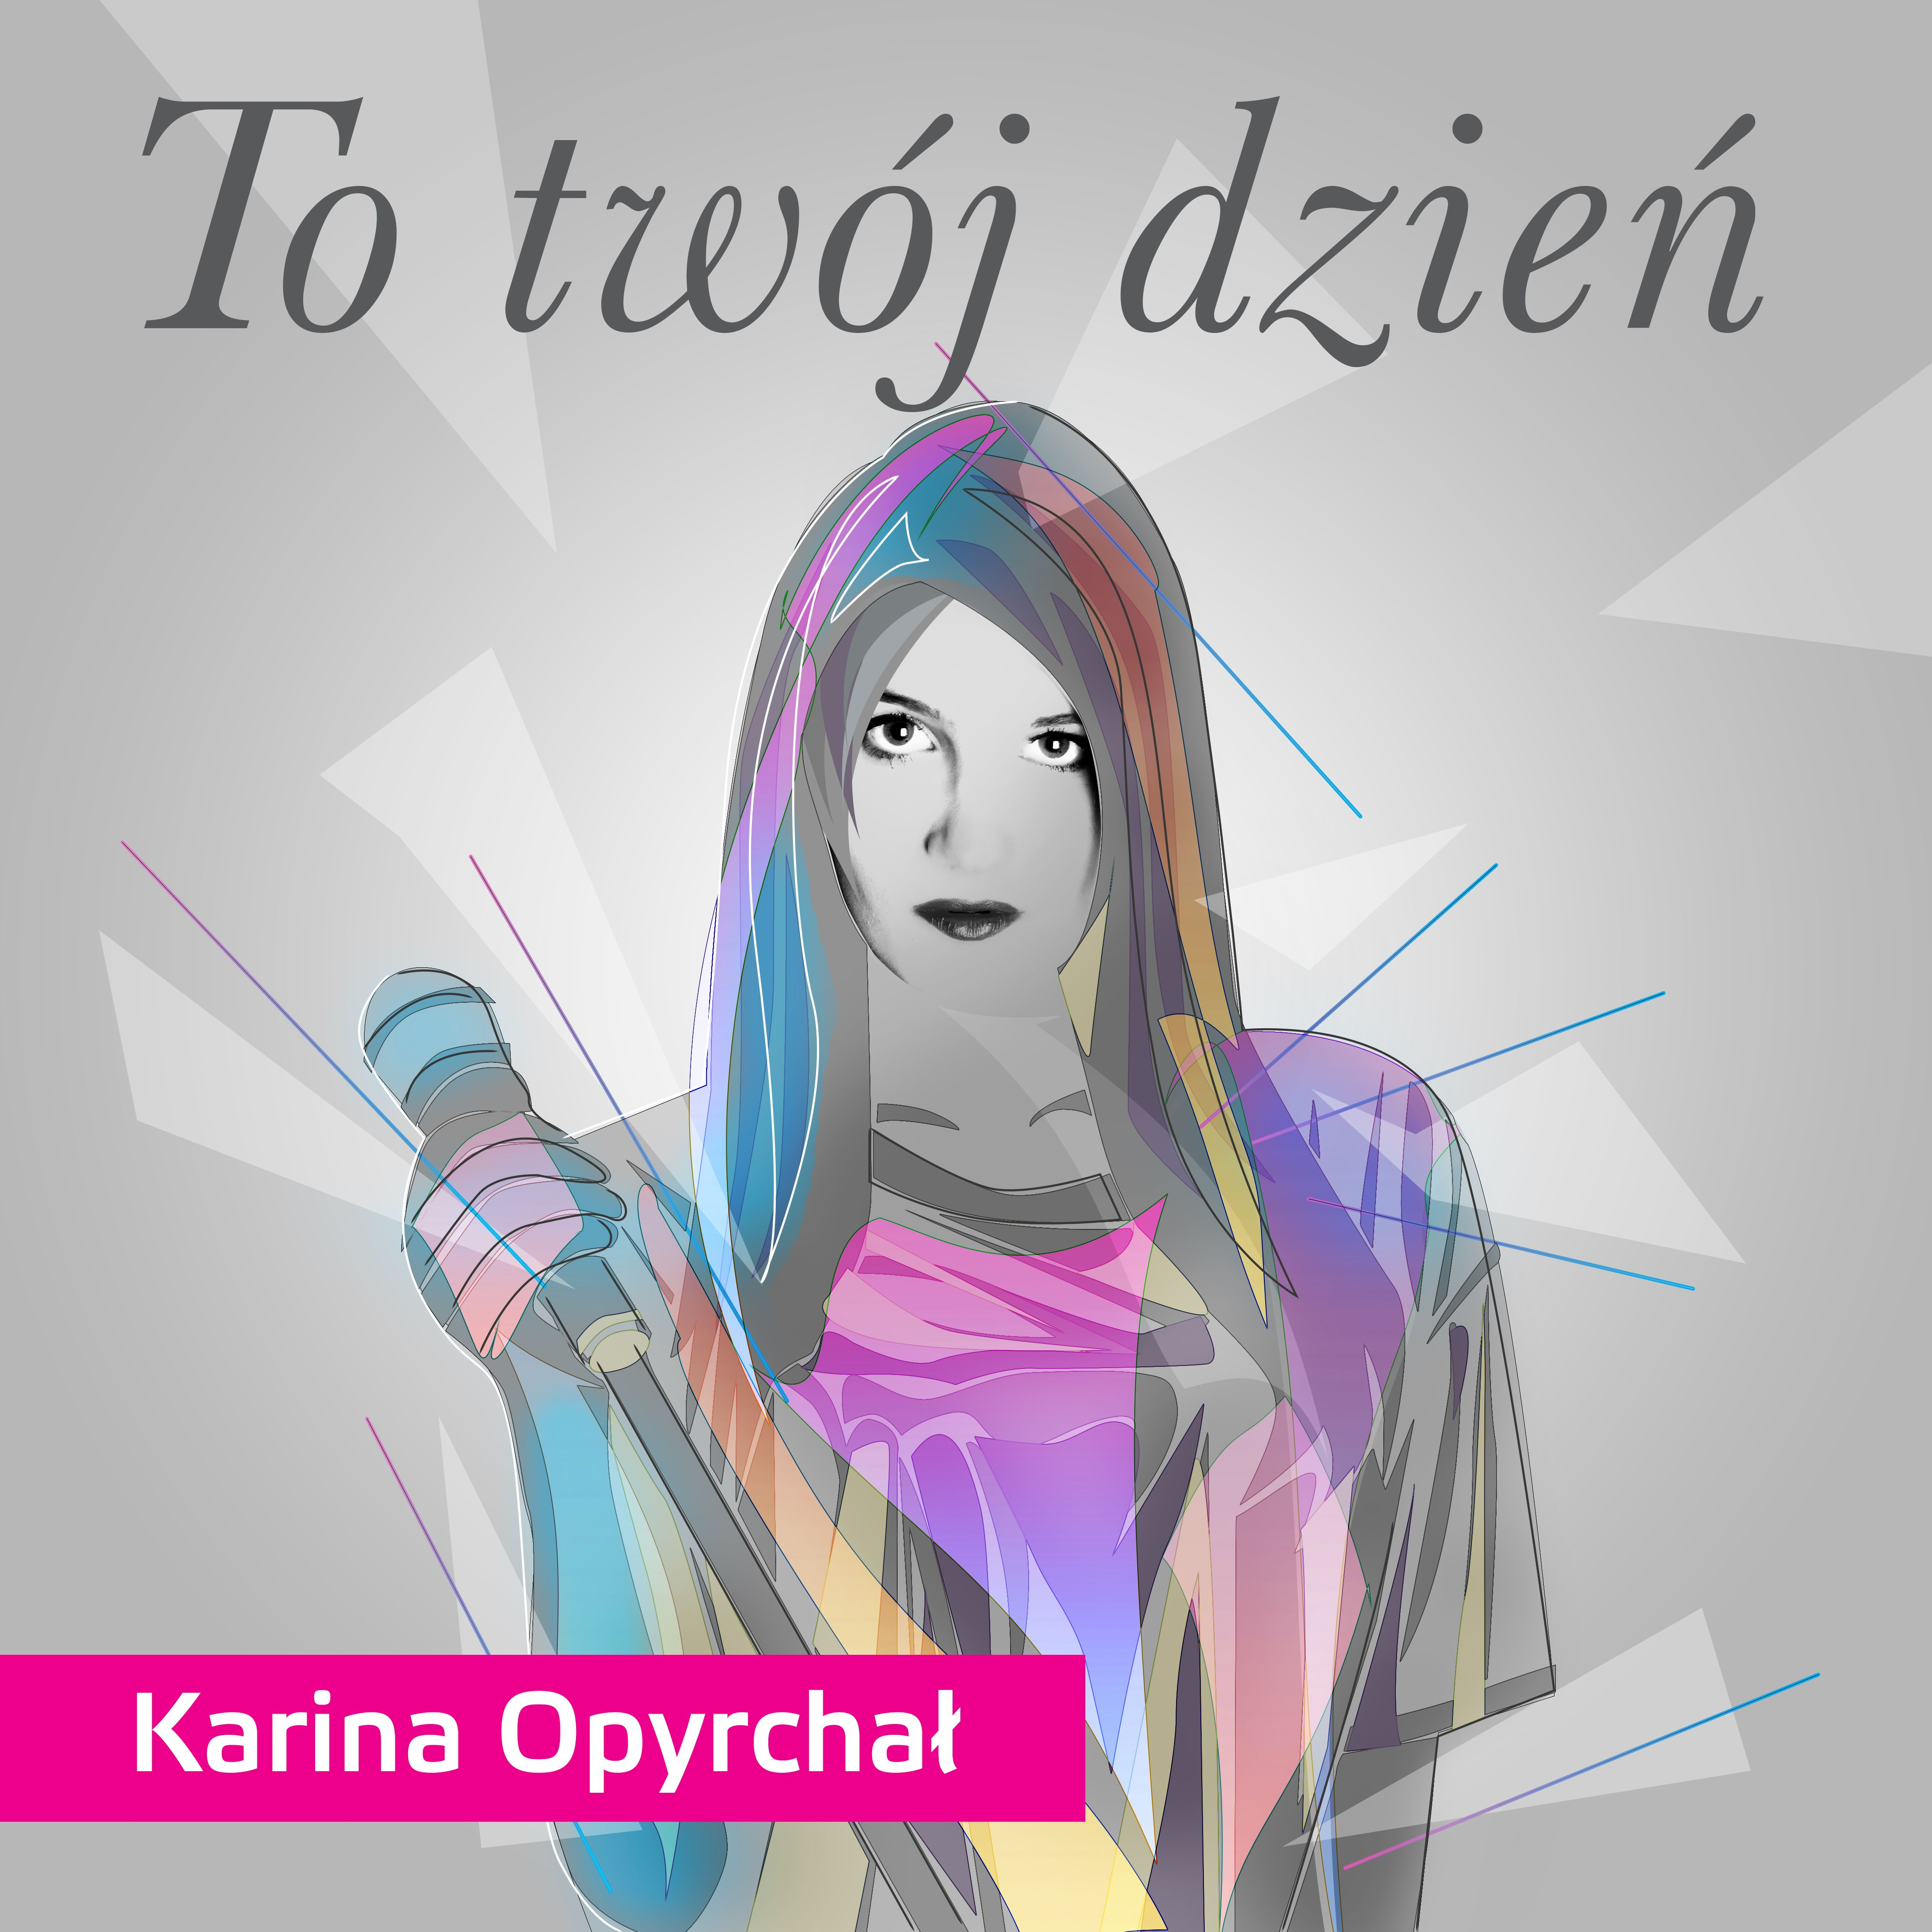 Premiera nowego teledysku Kariny Opyrchał